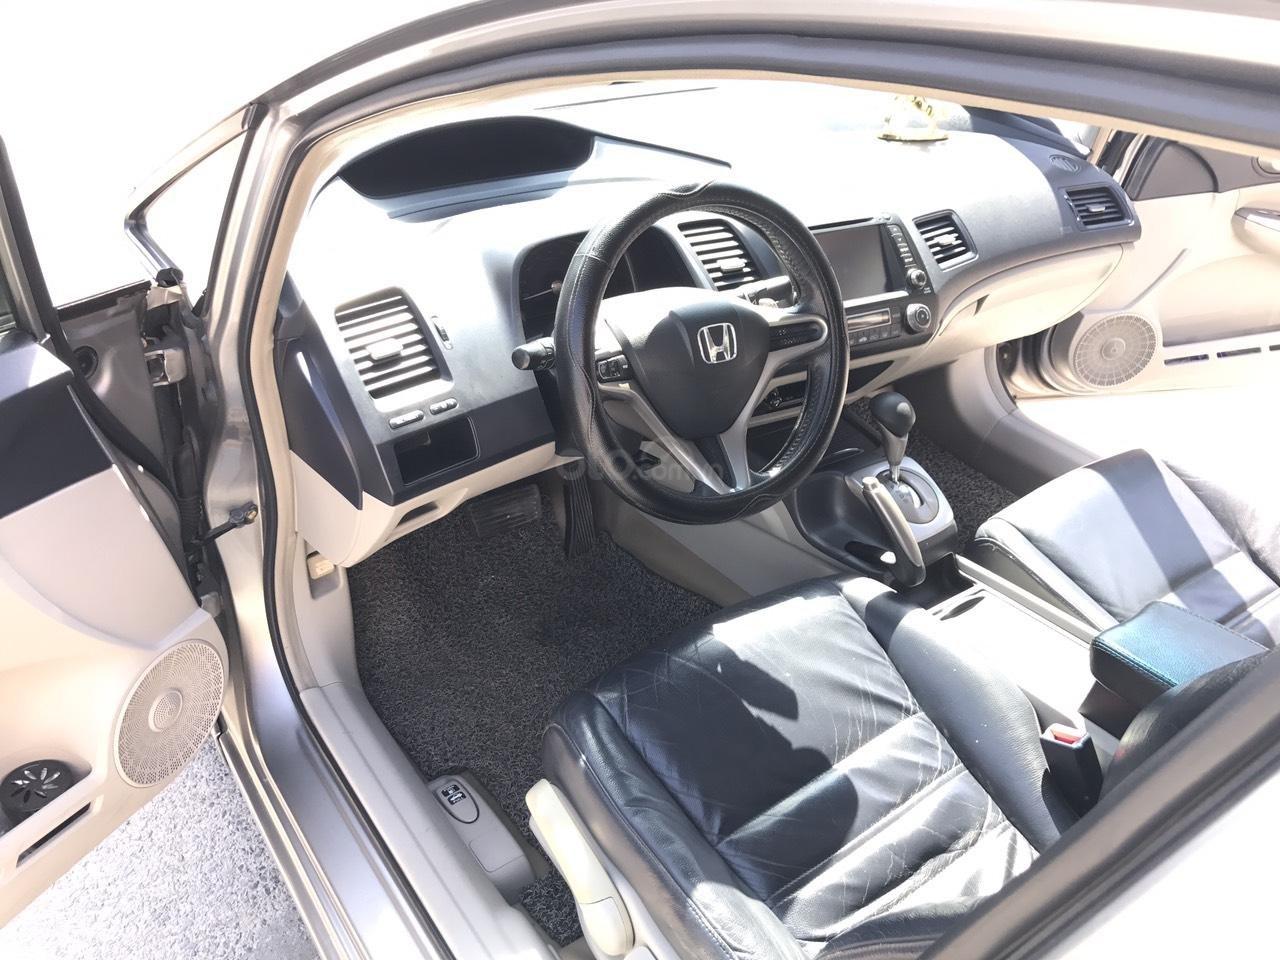 Bán xe Honda Civic 2.0AT 2008, màu xám (ghi), full đồ chơi 30 triệu, công nhận mới (4)